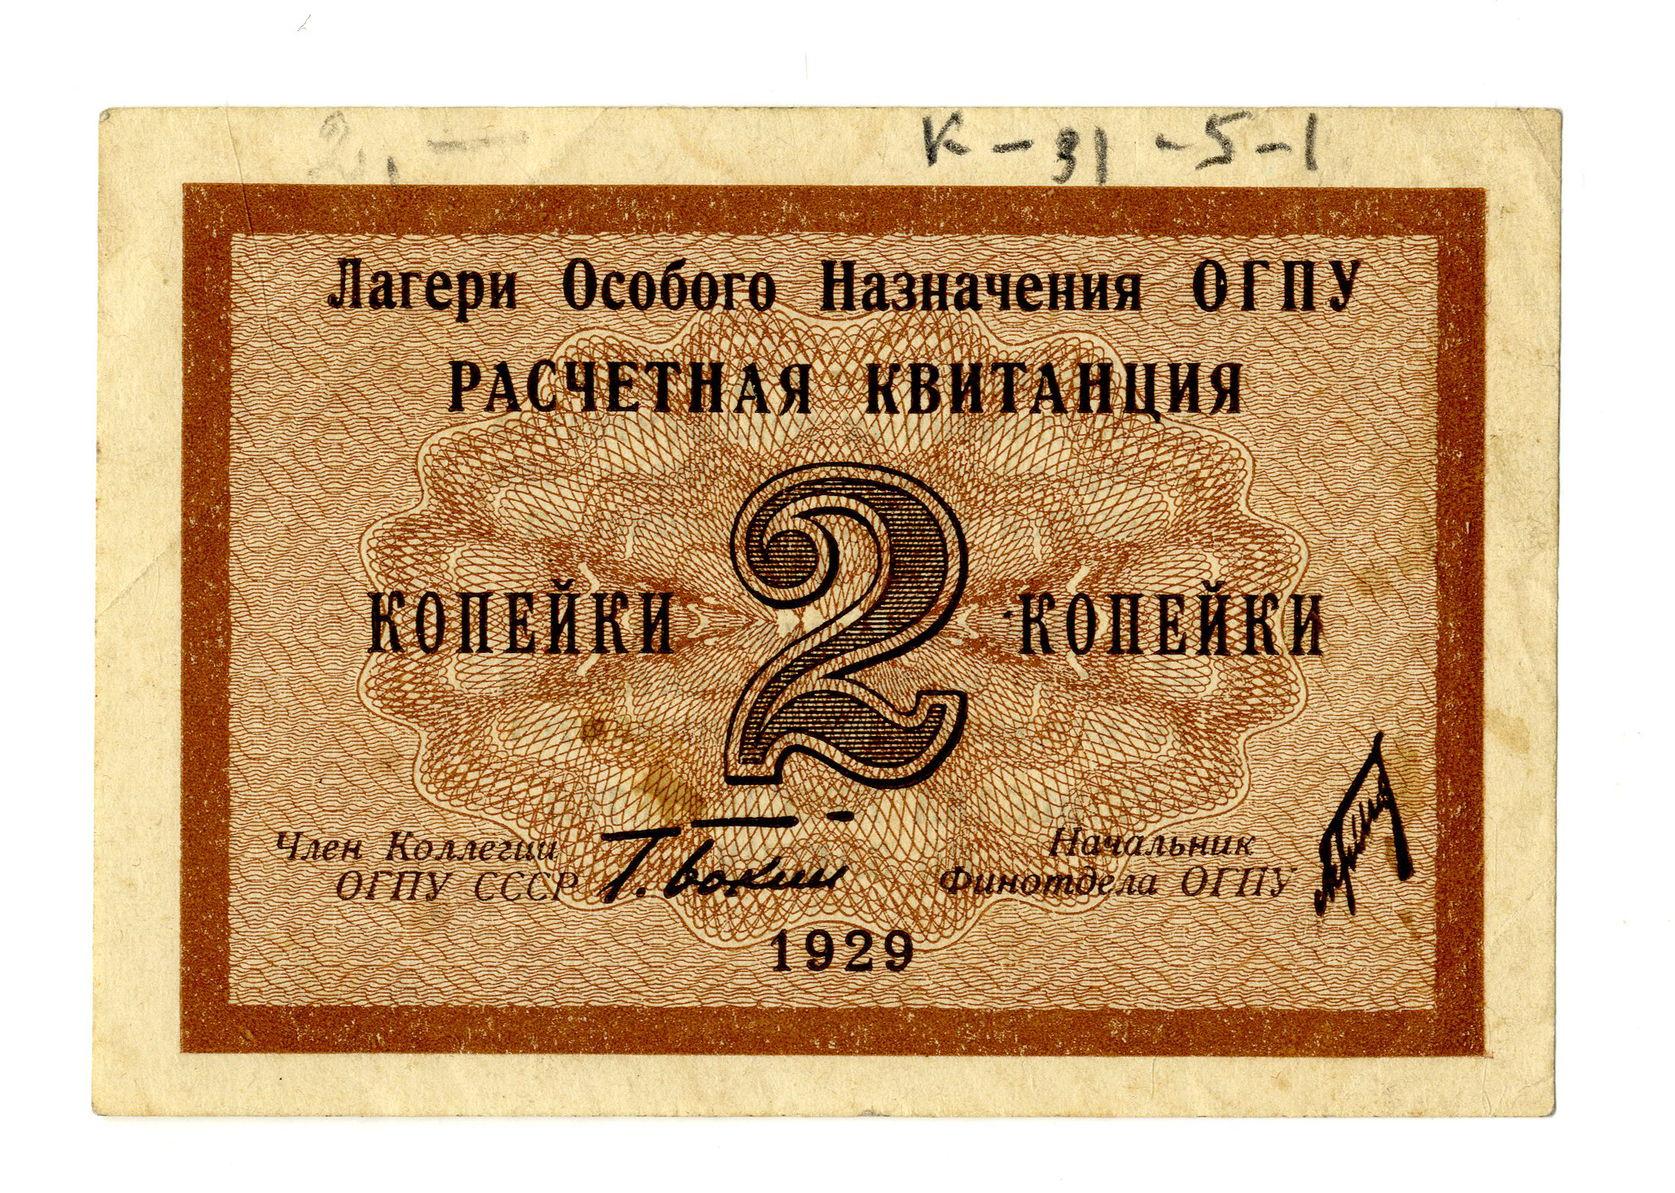 Лицевая сторона расчетной квитанции лагерей особого назначения ОГПУ номиналом в 2 копейки.